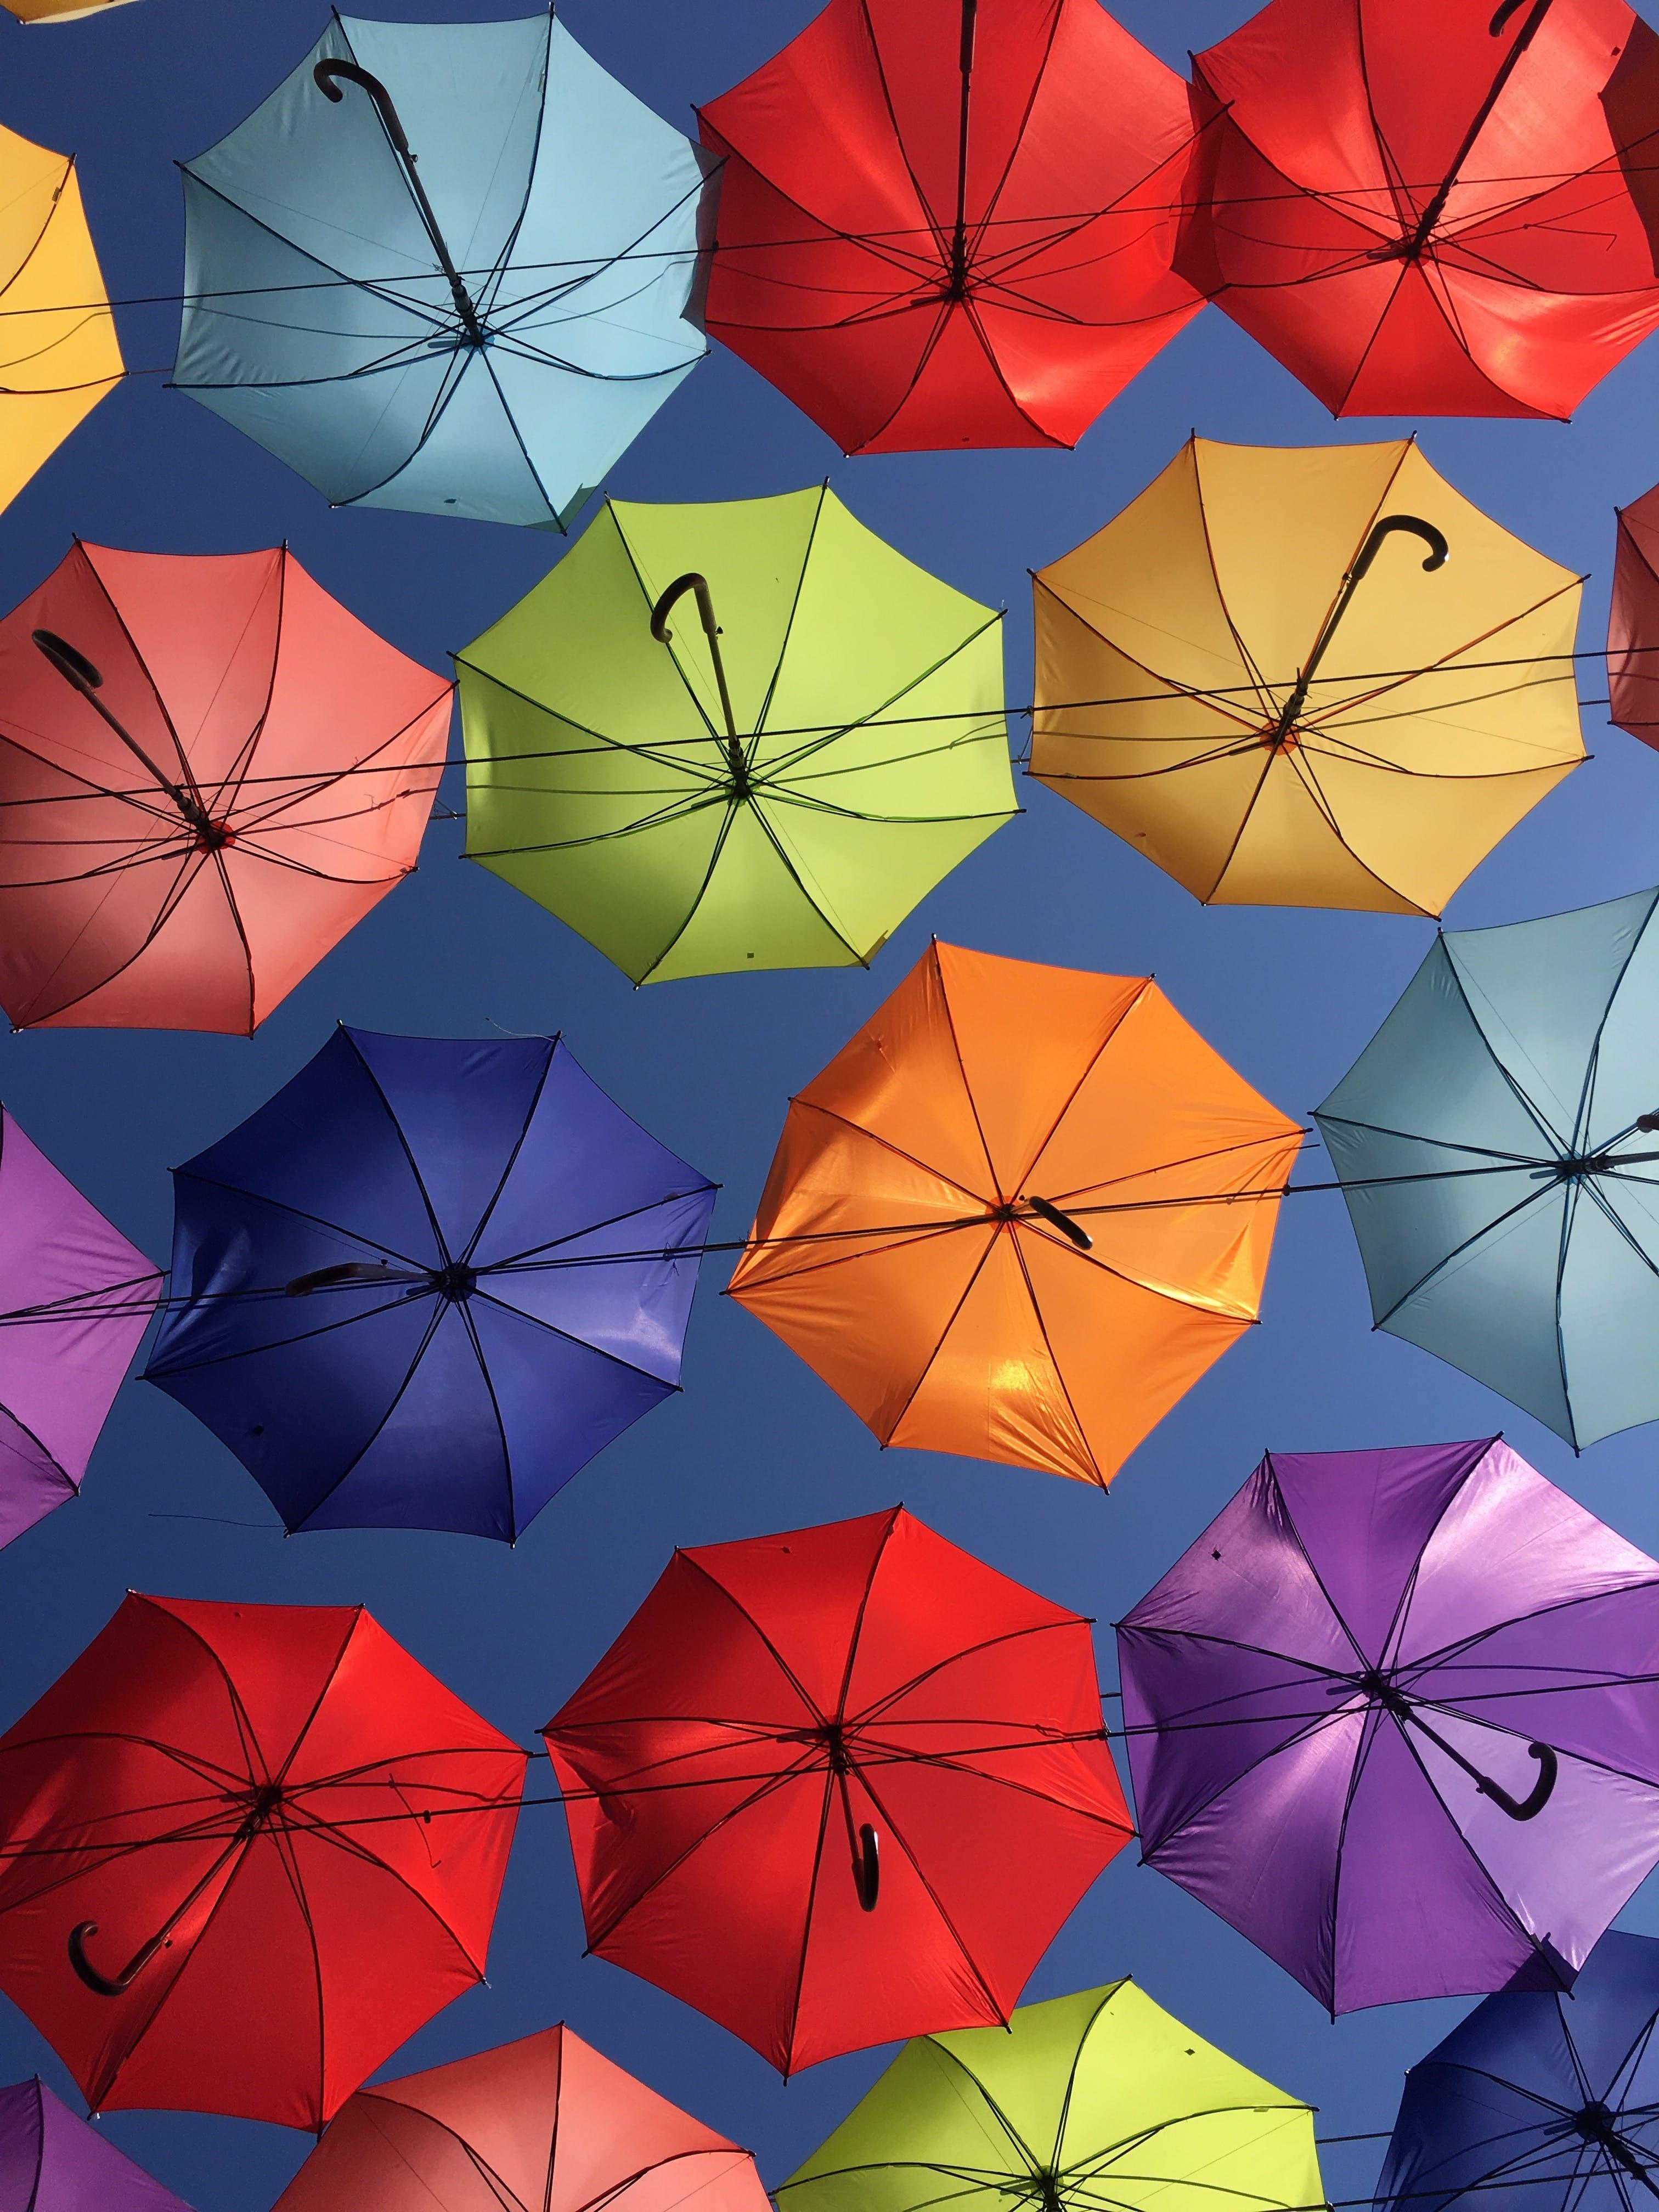 Kostenloses Stock Foto zu bunt, hängen, regenschirme